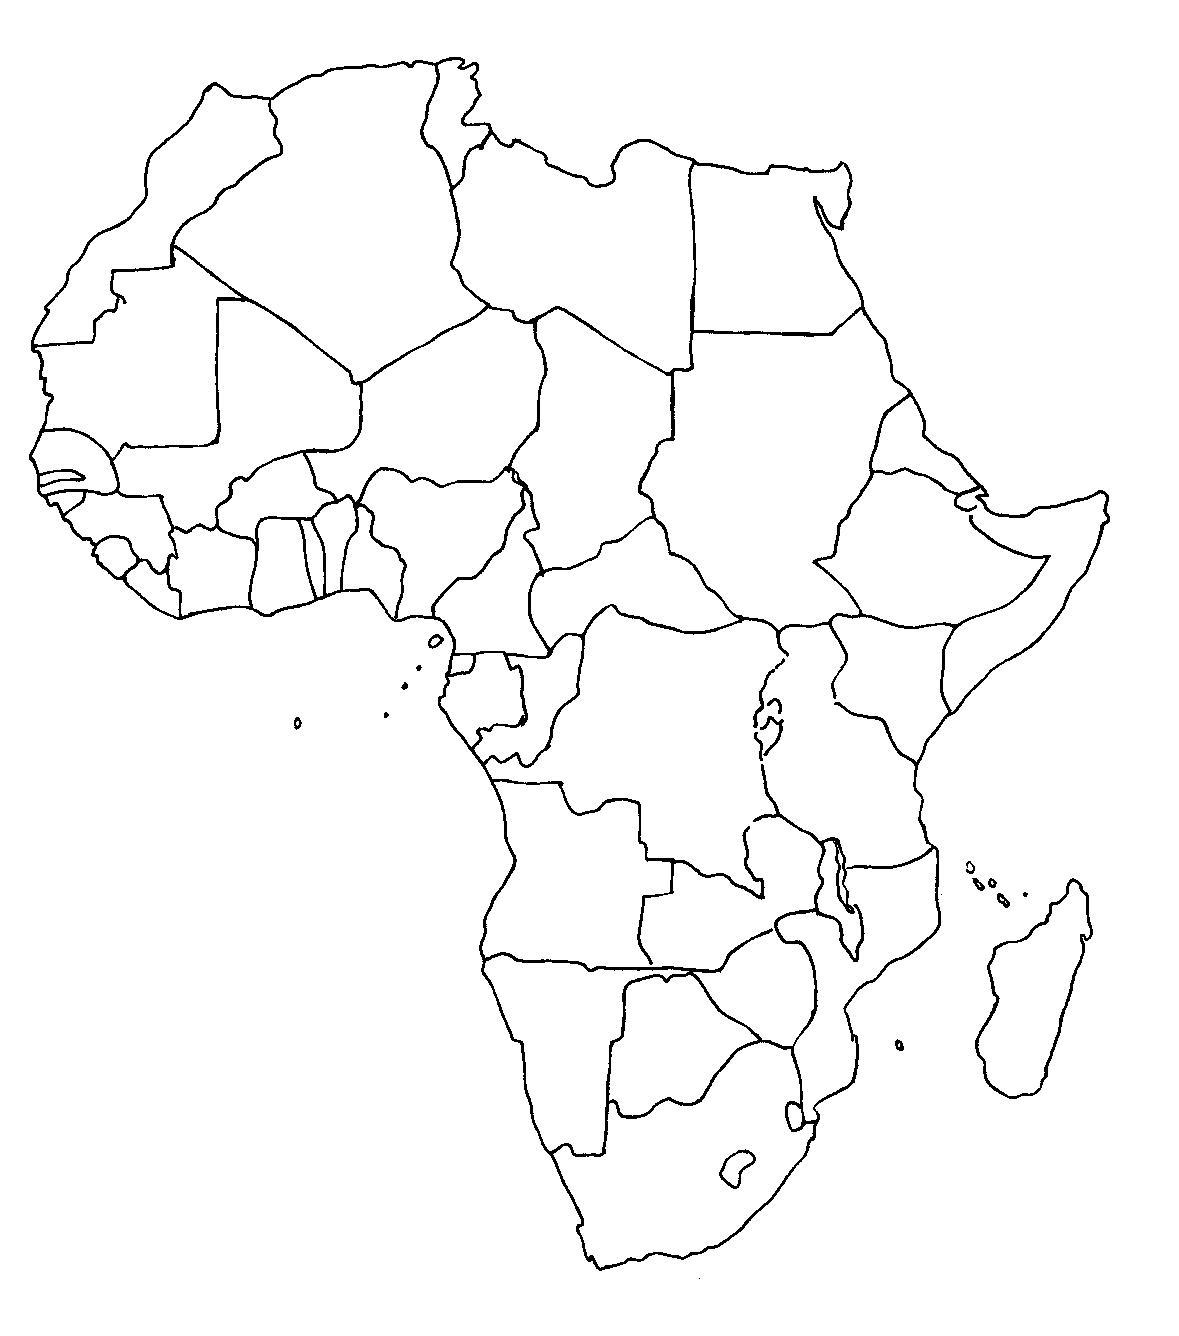 Mapa De Africa Vacio.Mapa Mudo De Continente Africano Con Siluetas De Paises